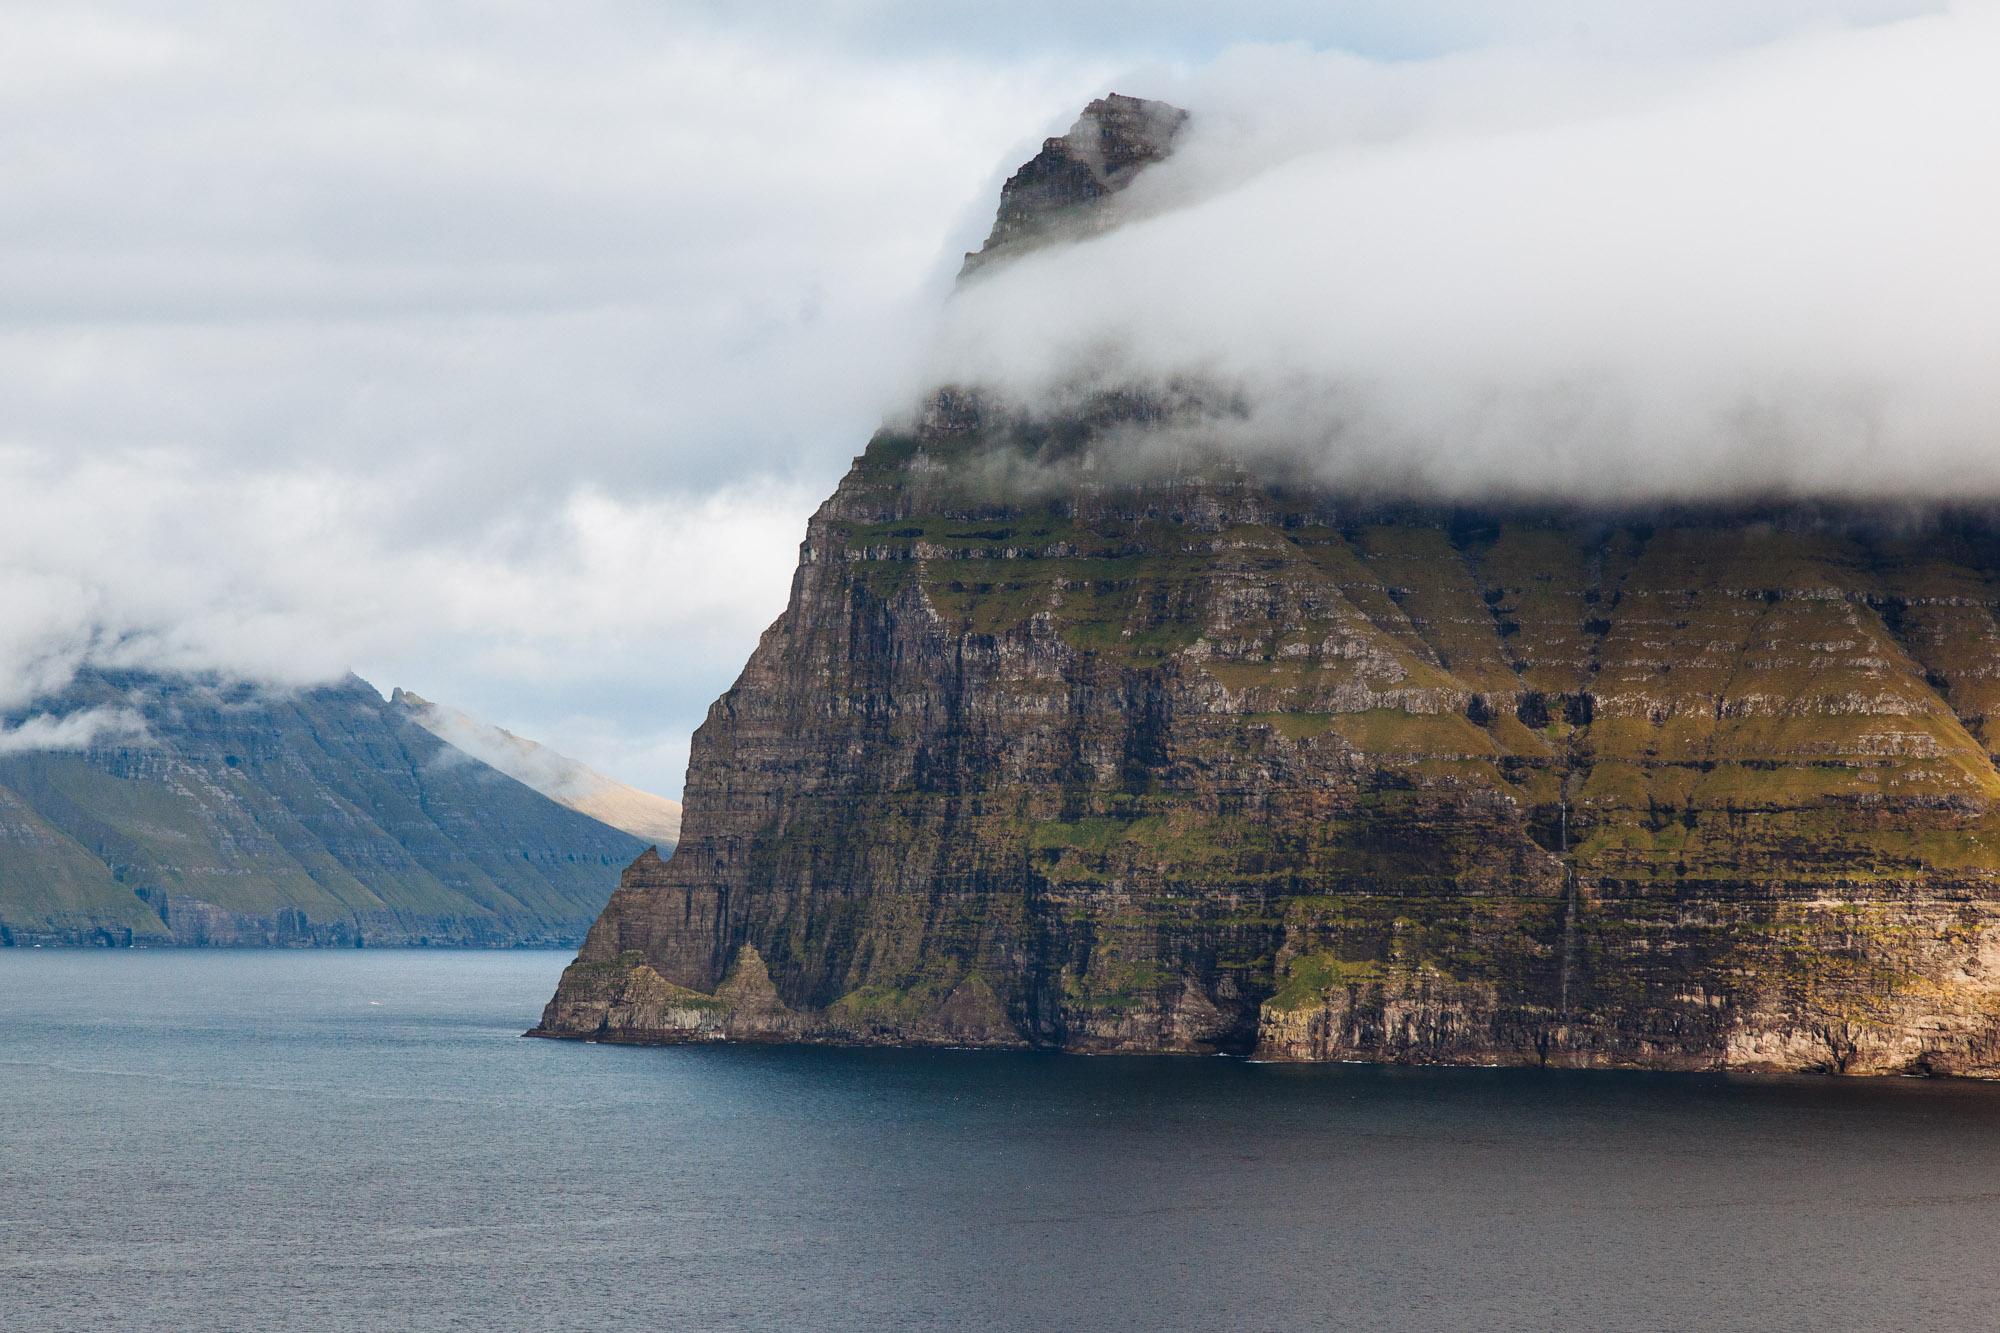 The cliffs of Kunoy